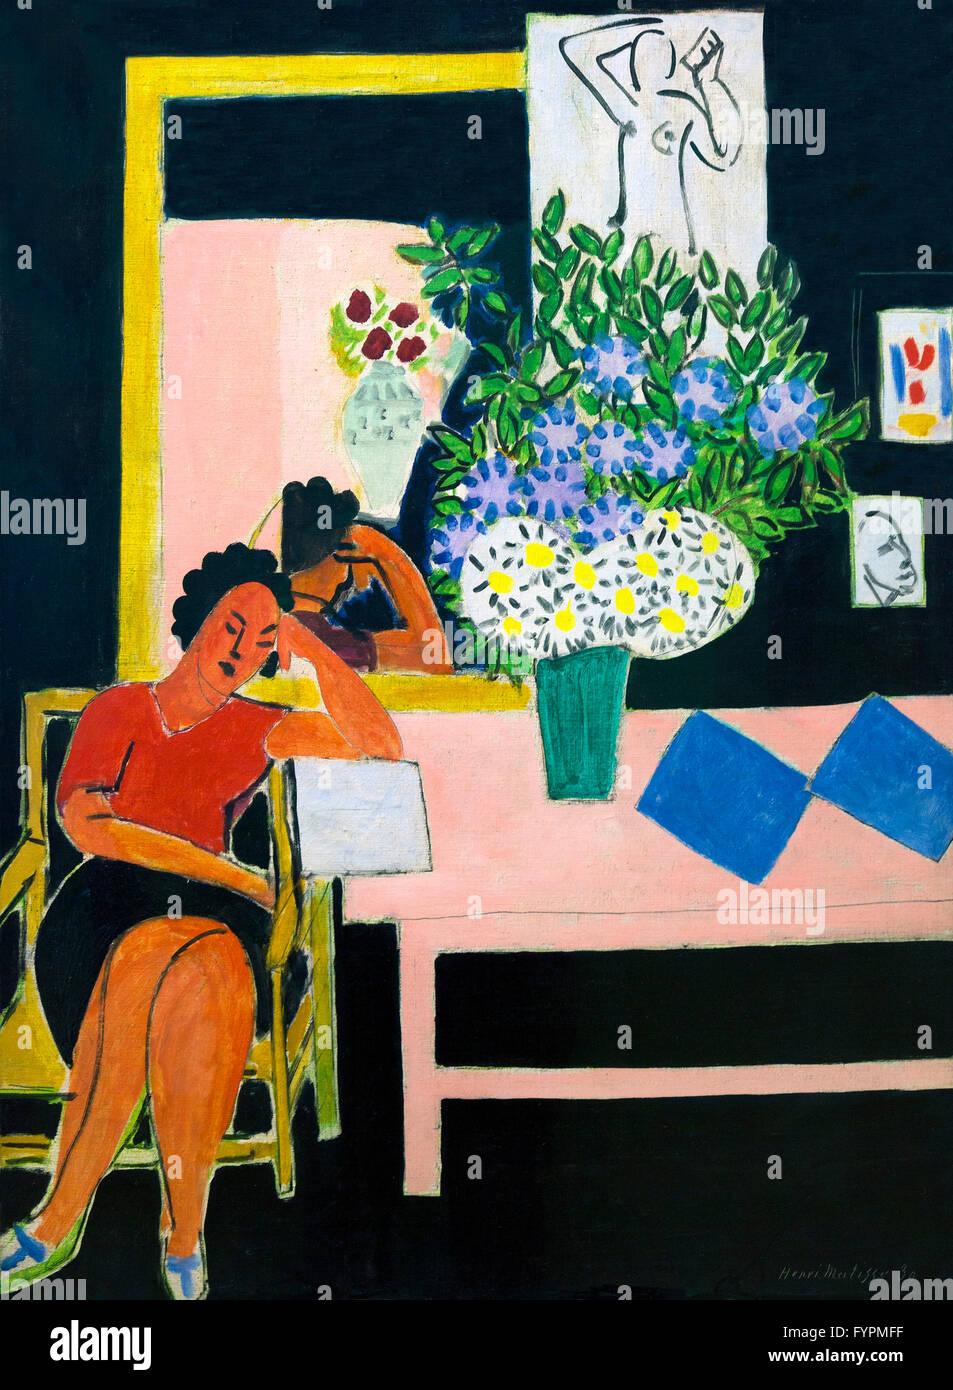 Femme lisant, fond noir, Liseuse sur fond noir, d'Henri Matisse, 1939, Centre Pompidou, Paris, France, Europe Photo Stock